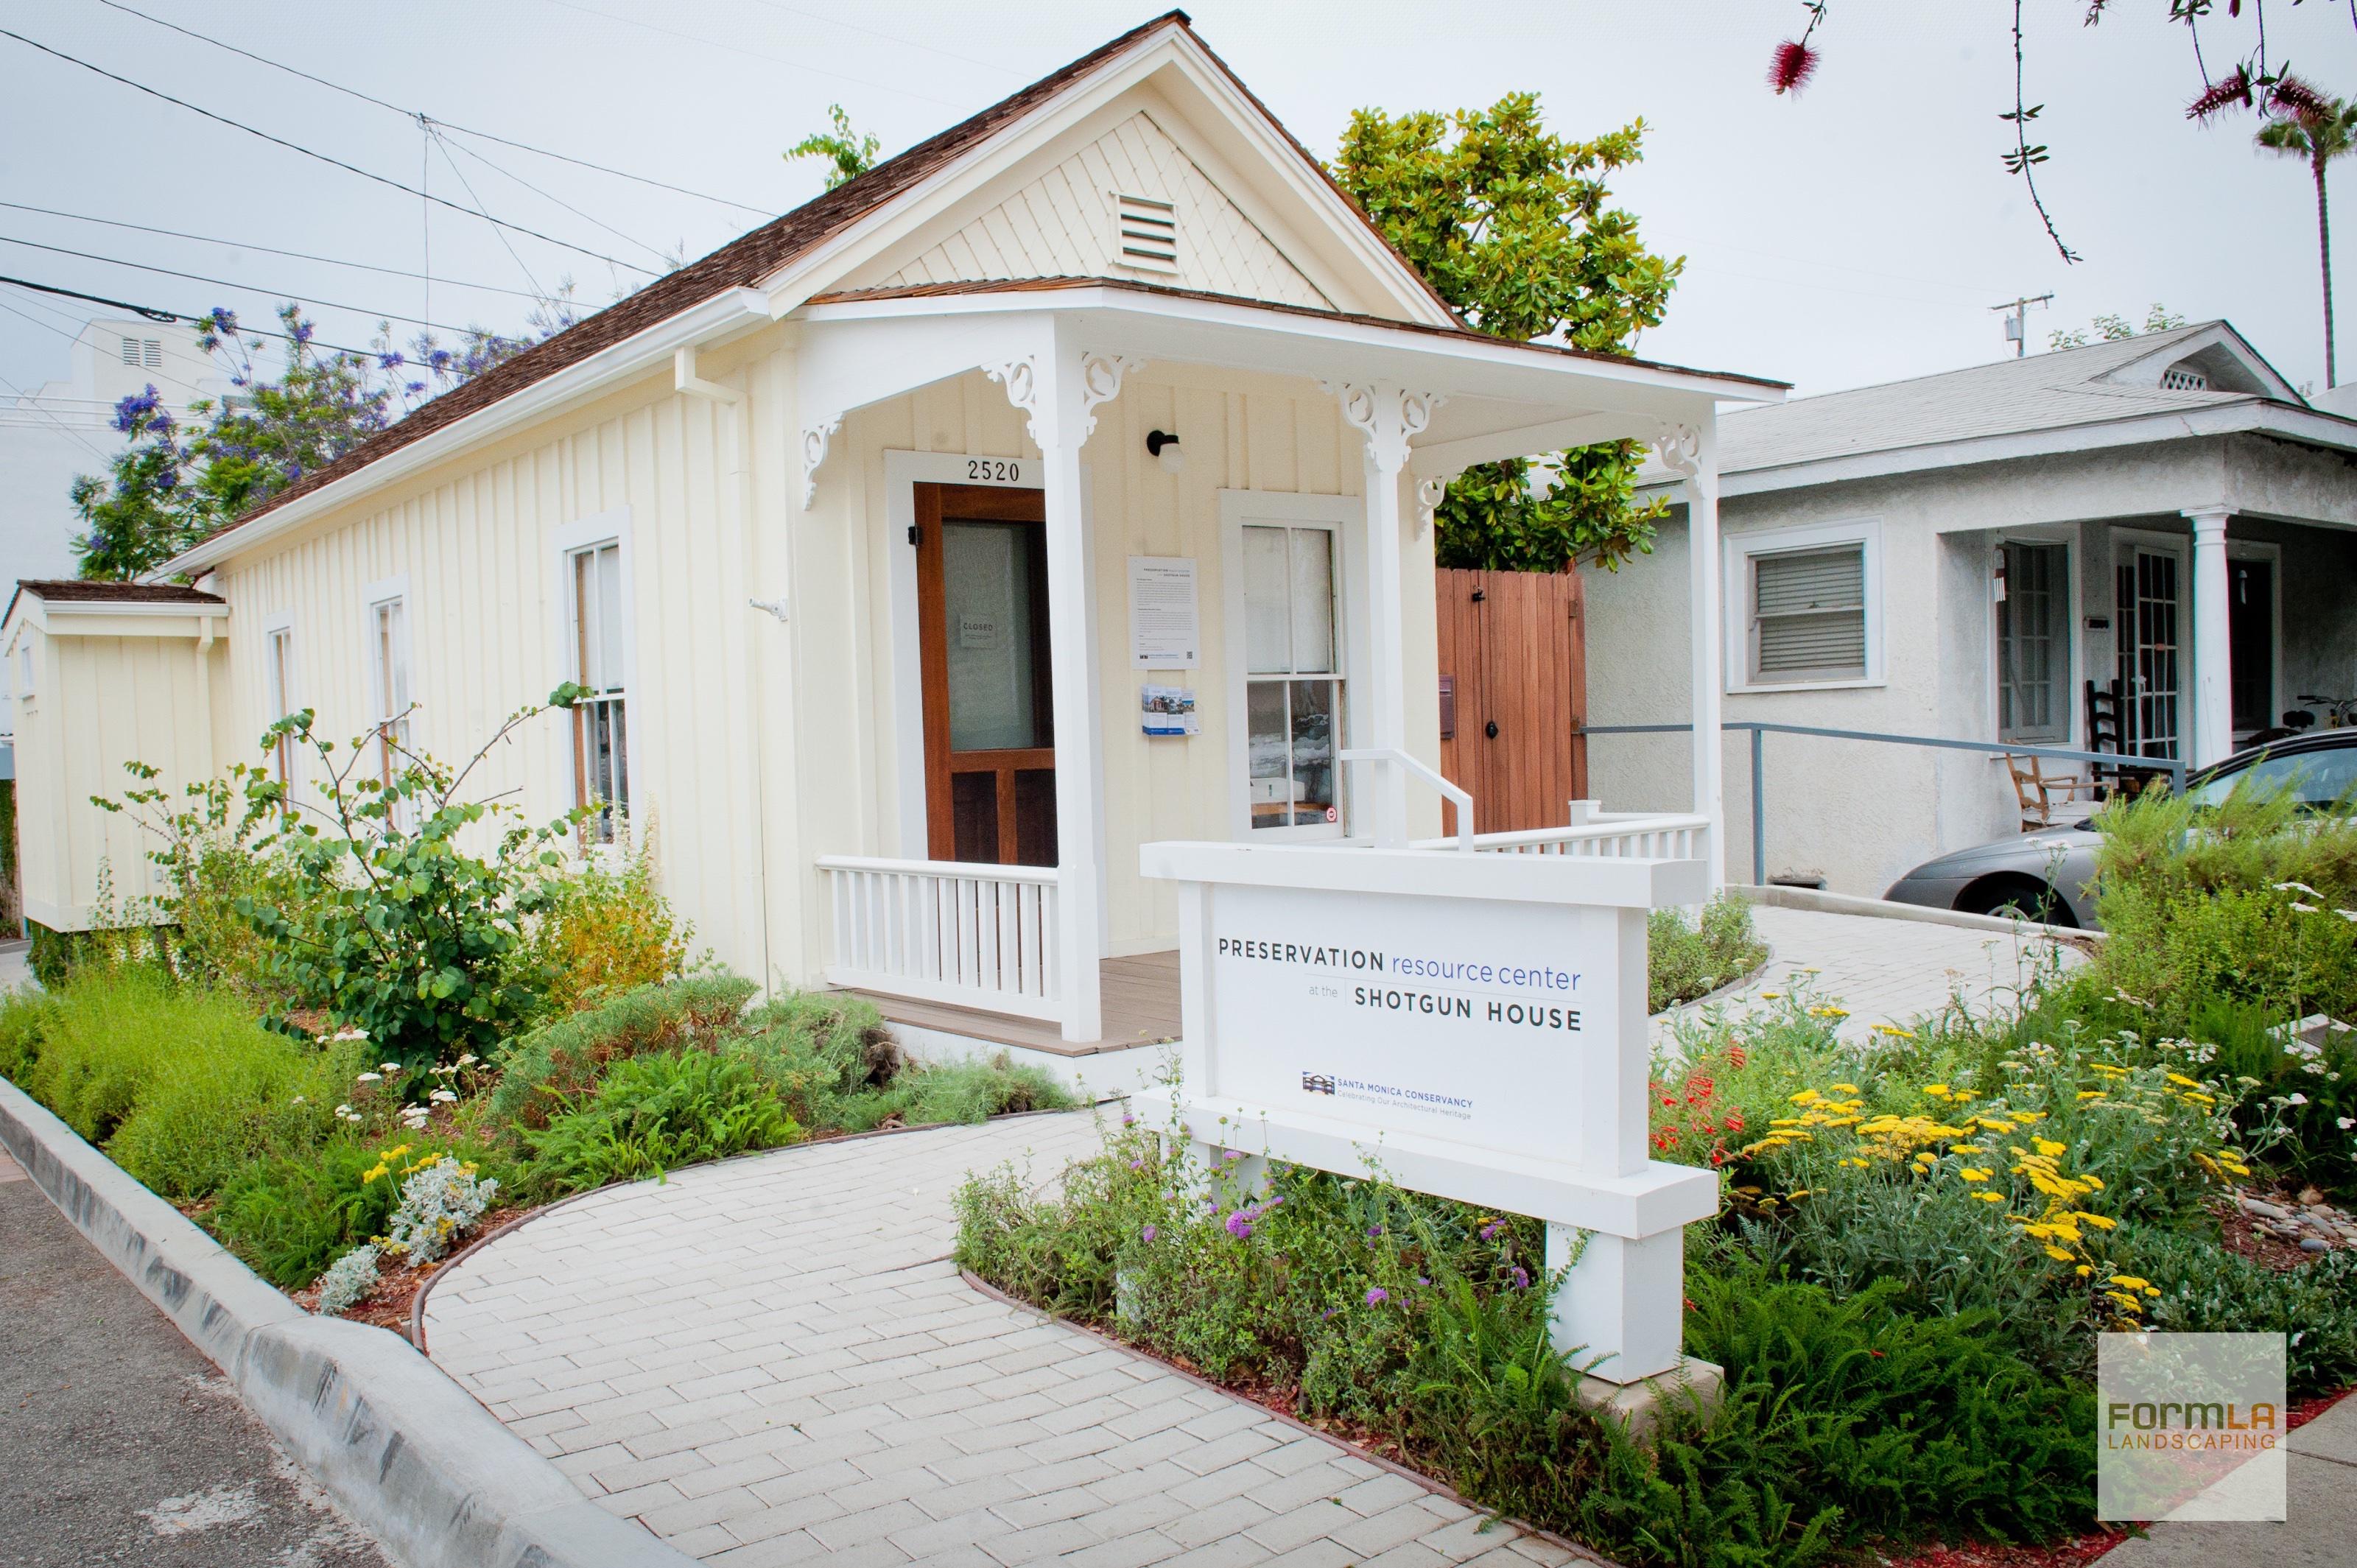 Preservation Resource Center Formla Landscaping